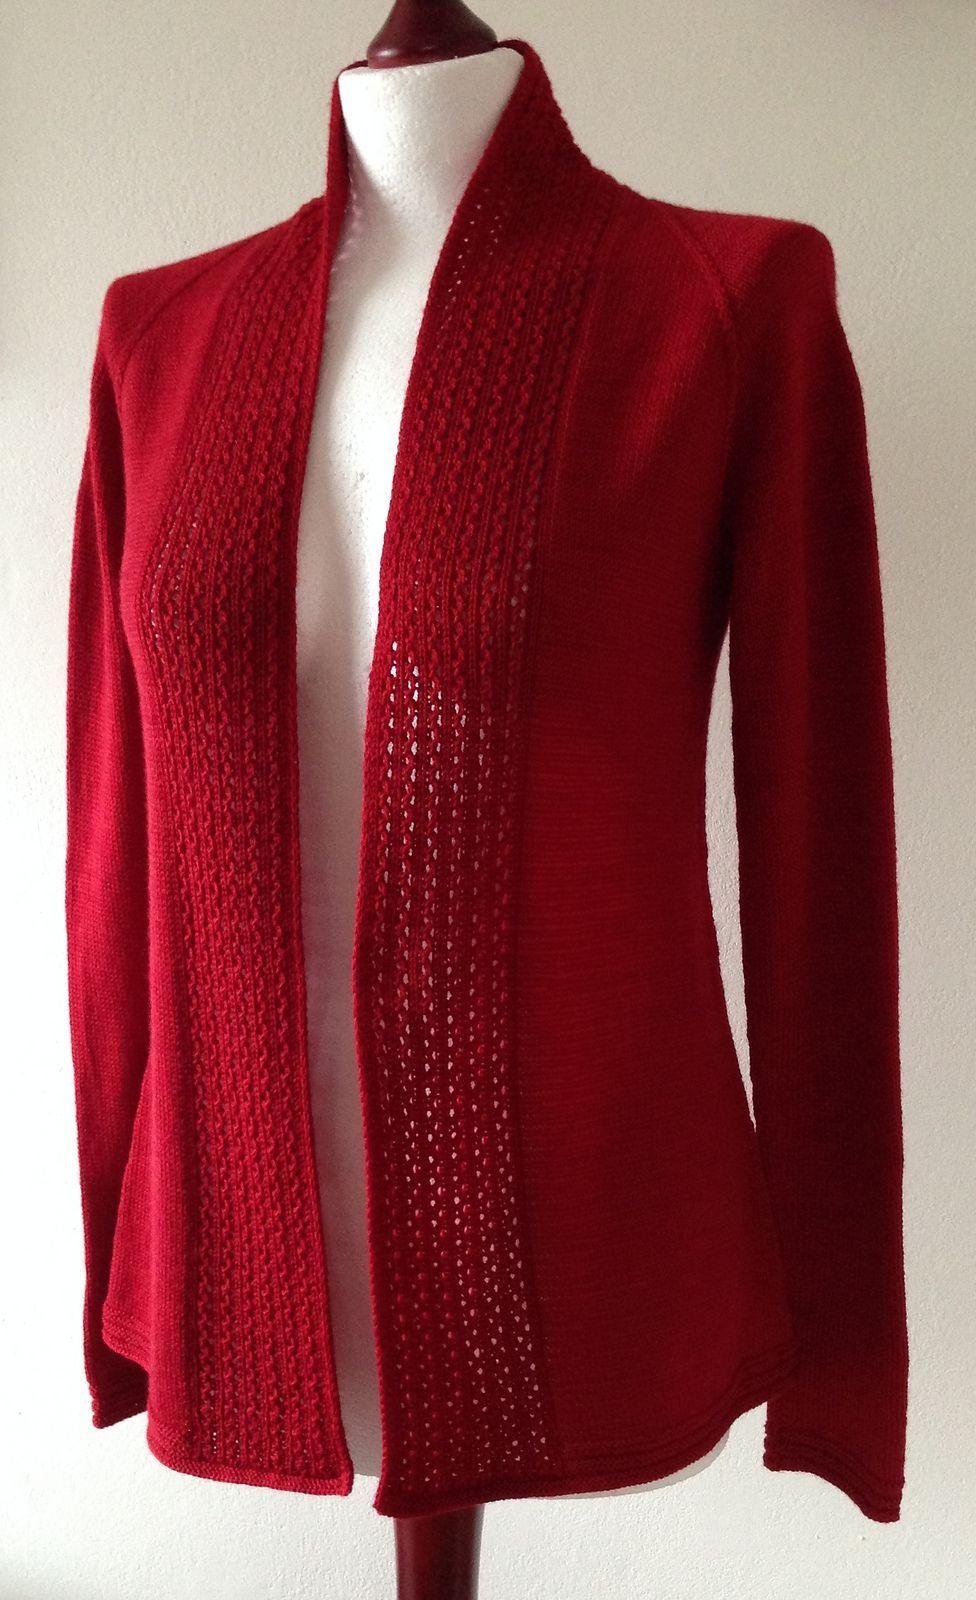 Joining Shoulder Seams Knitting